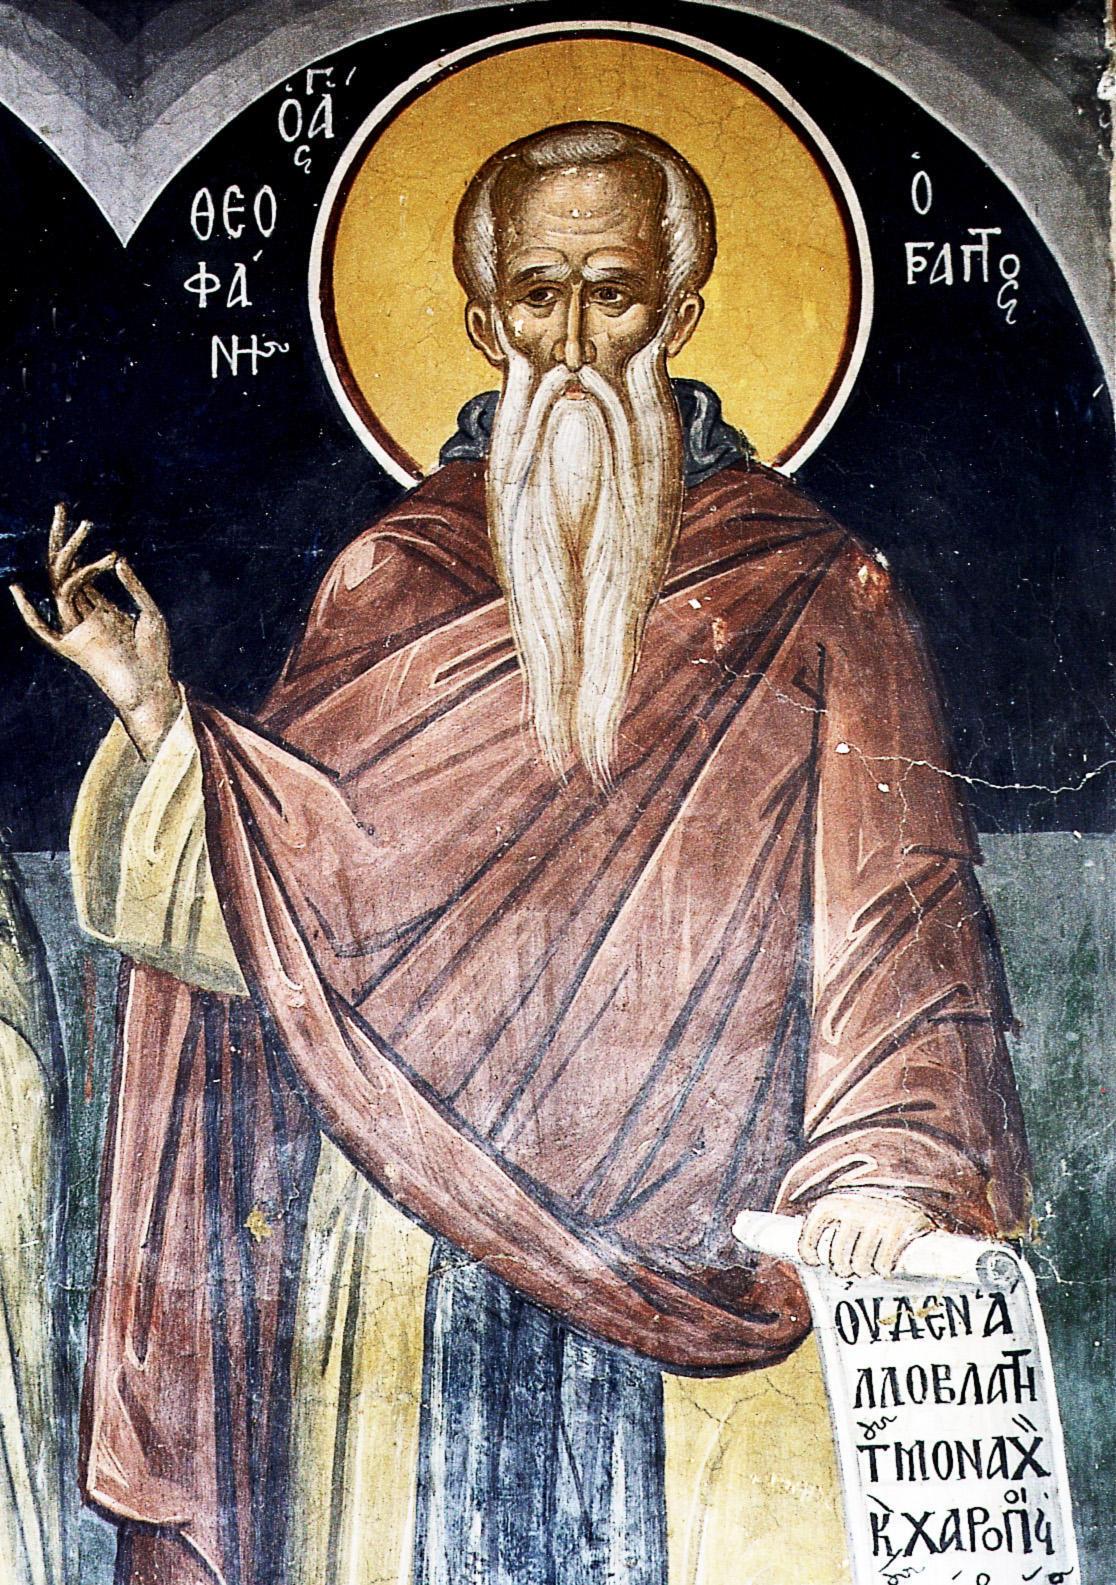 преподобный Феофан Начертанный, епископ Никейский, исповедник